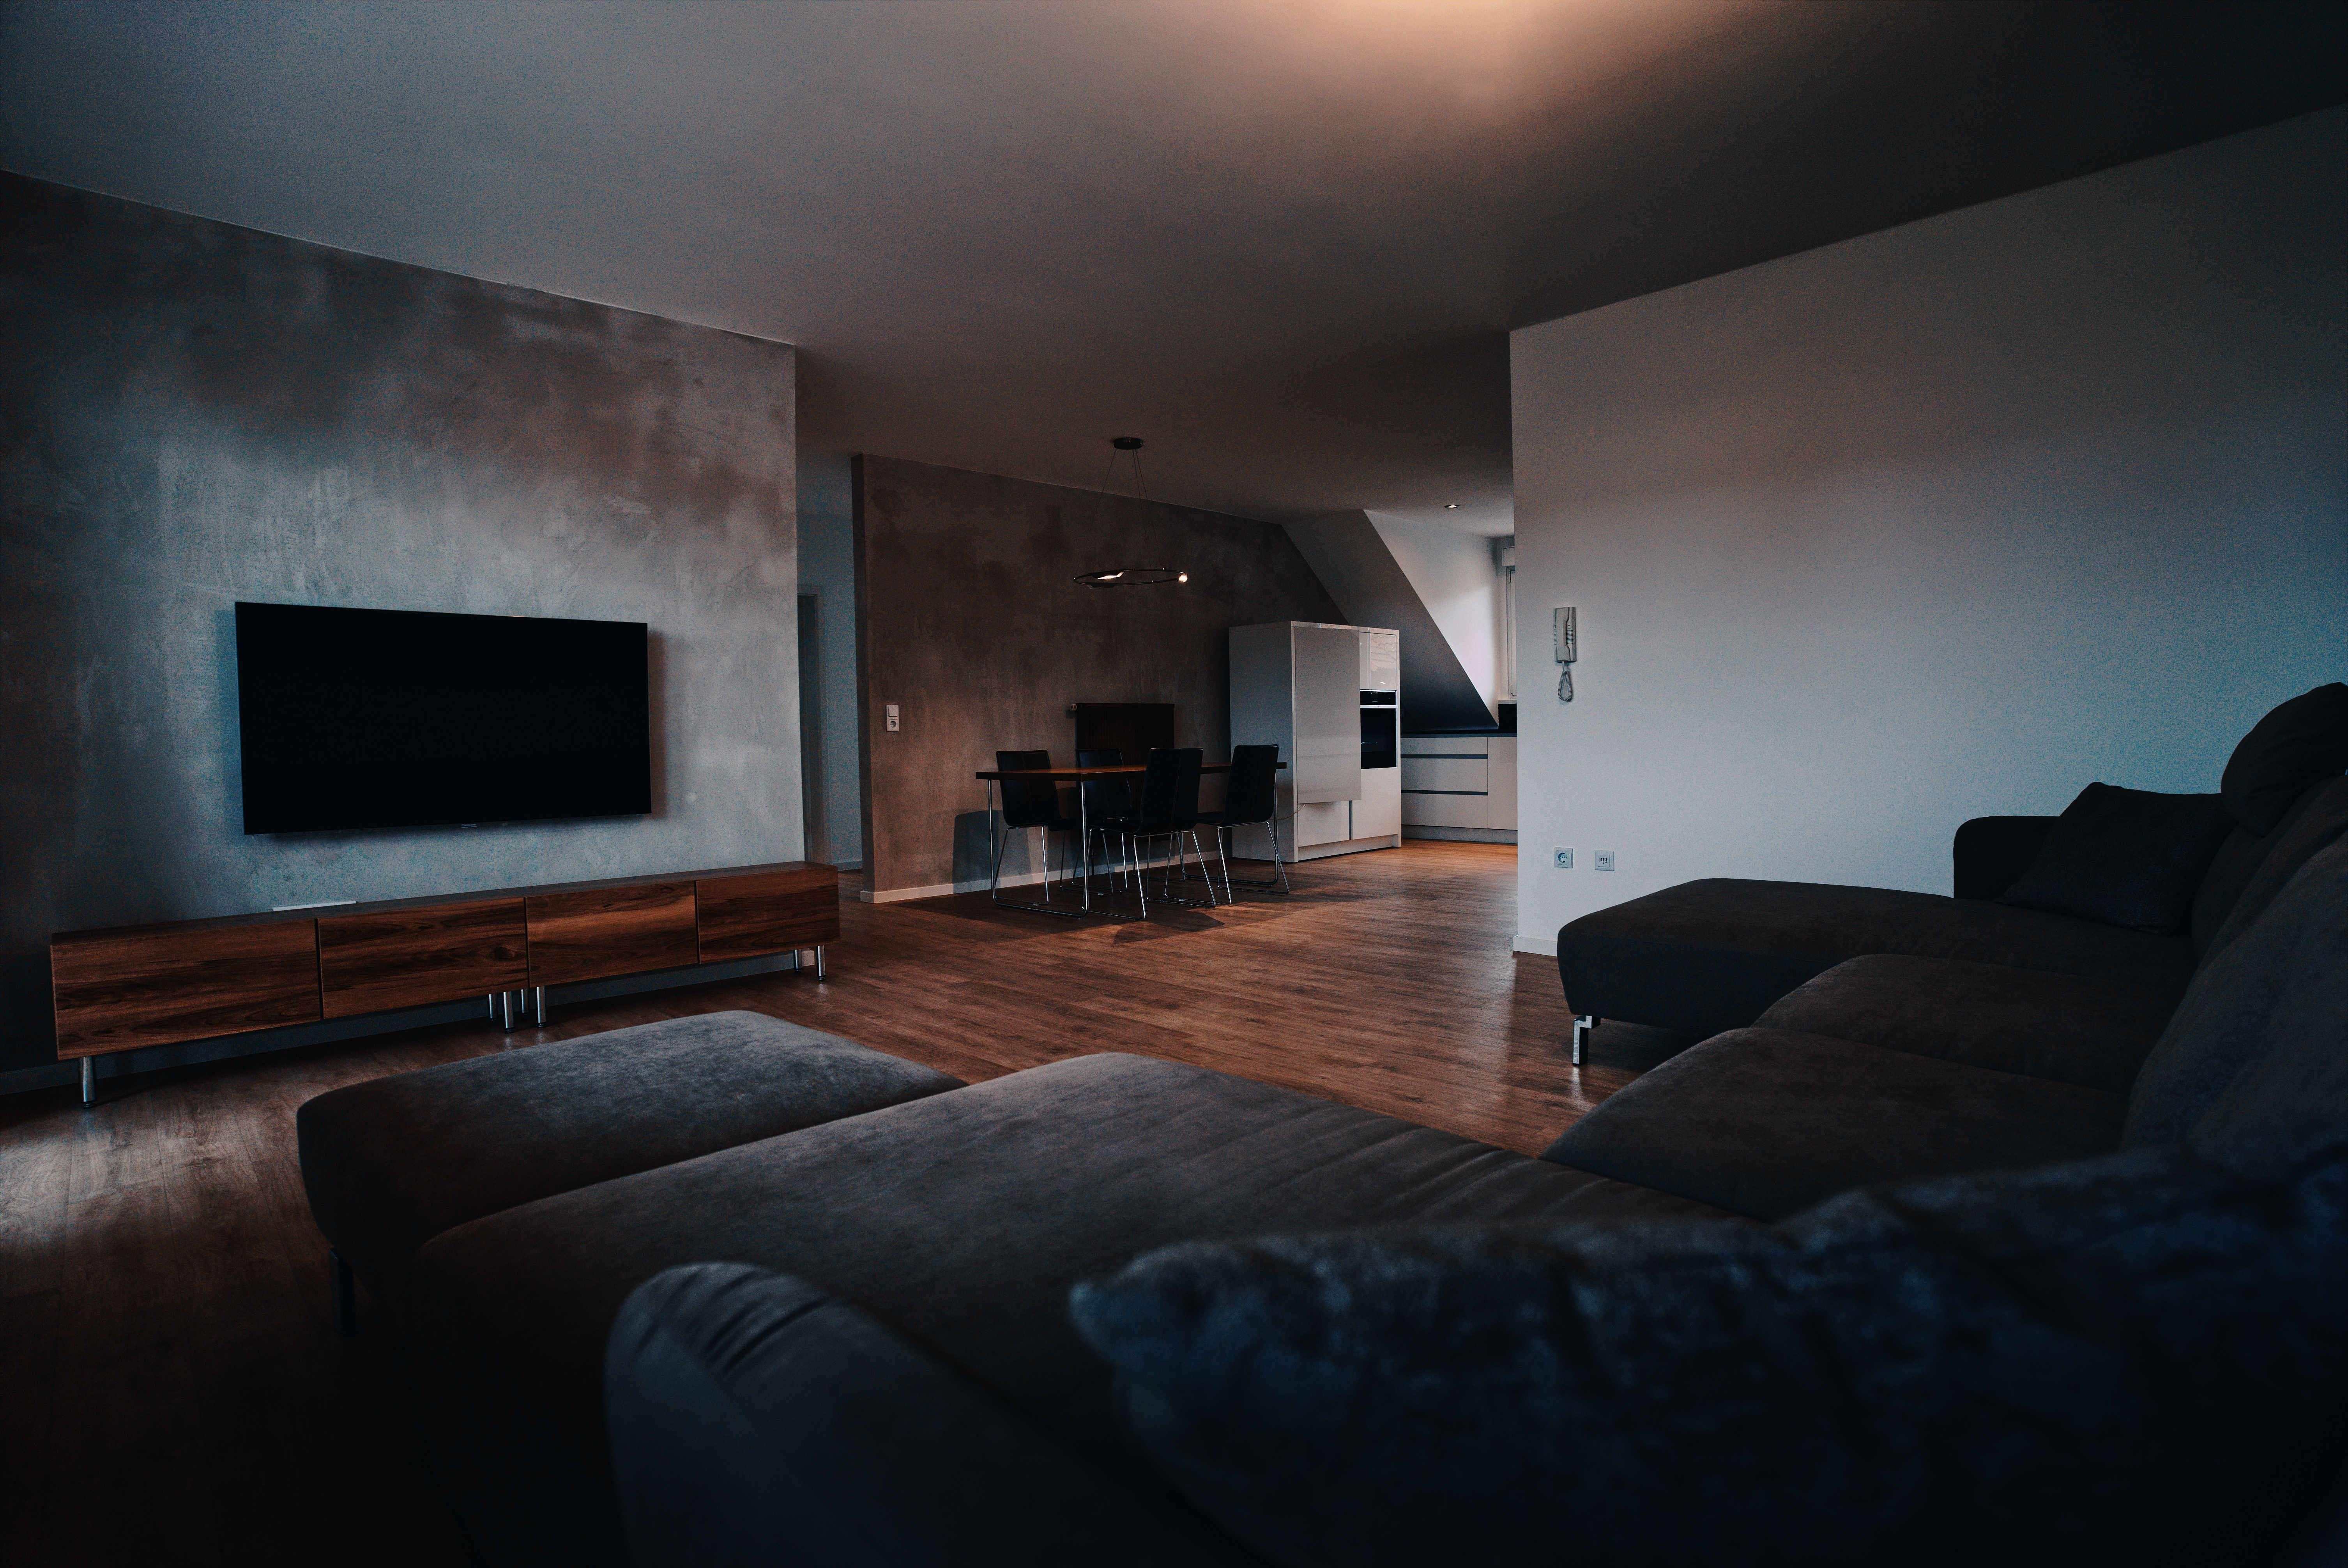 Stylisches Wohnen in ruhiger Lage! Frisch renovierte und teilmöblierte 3 Zimmer Wohnung zu vermieten in Poppenhausen